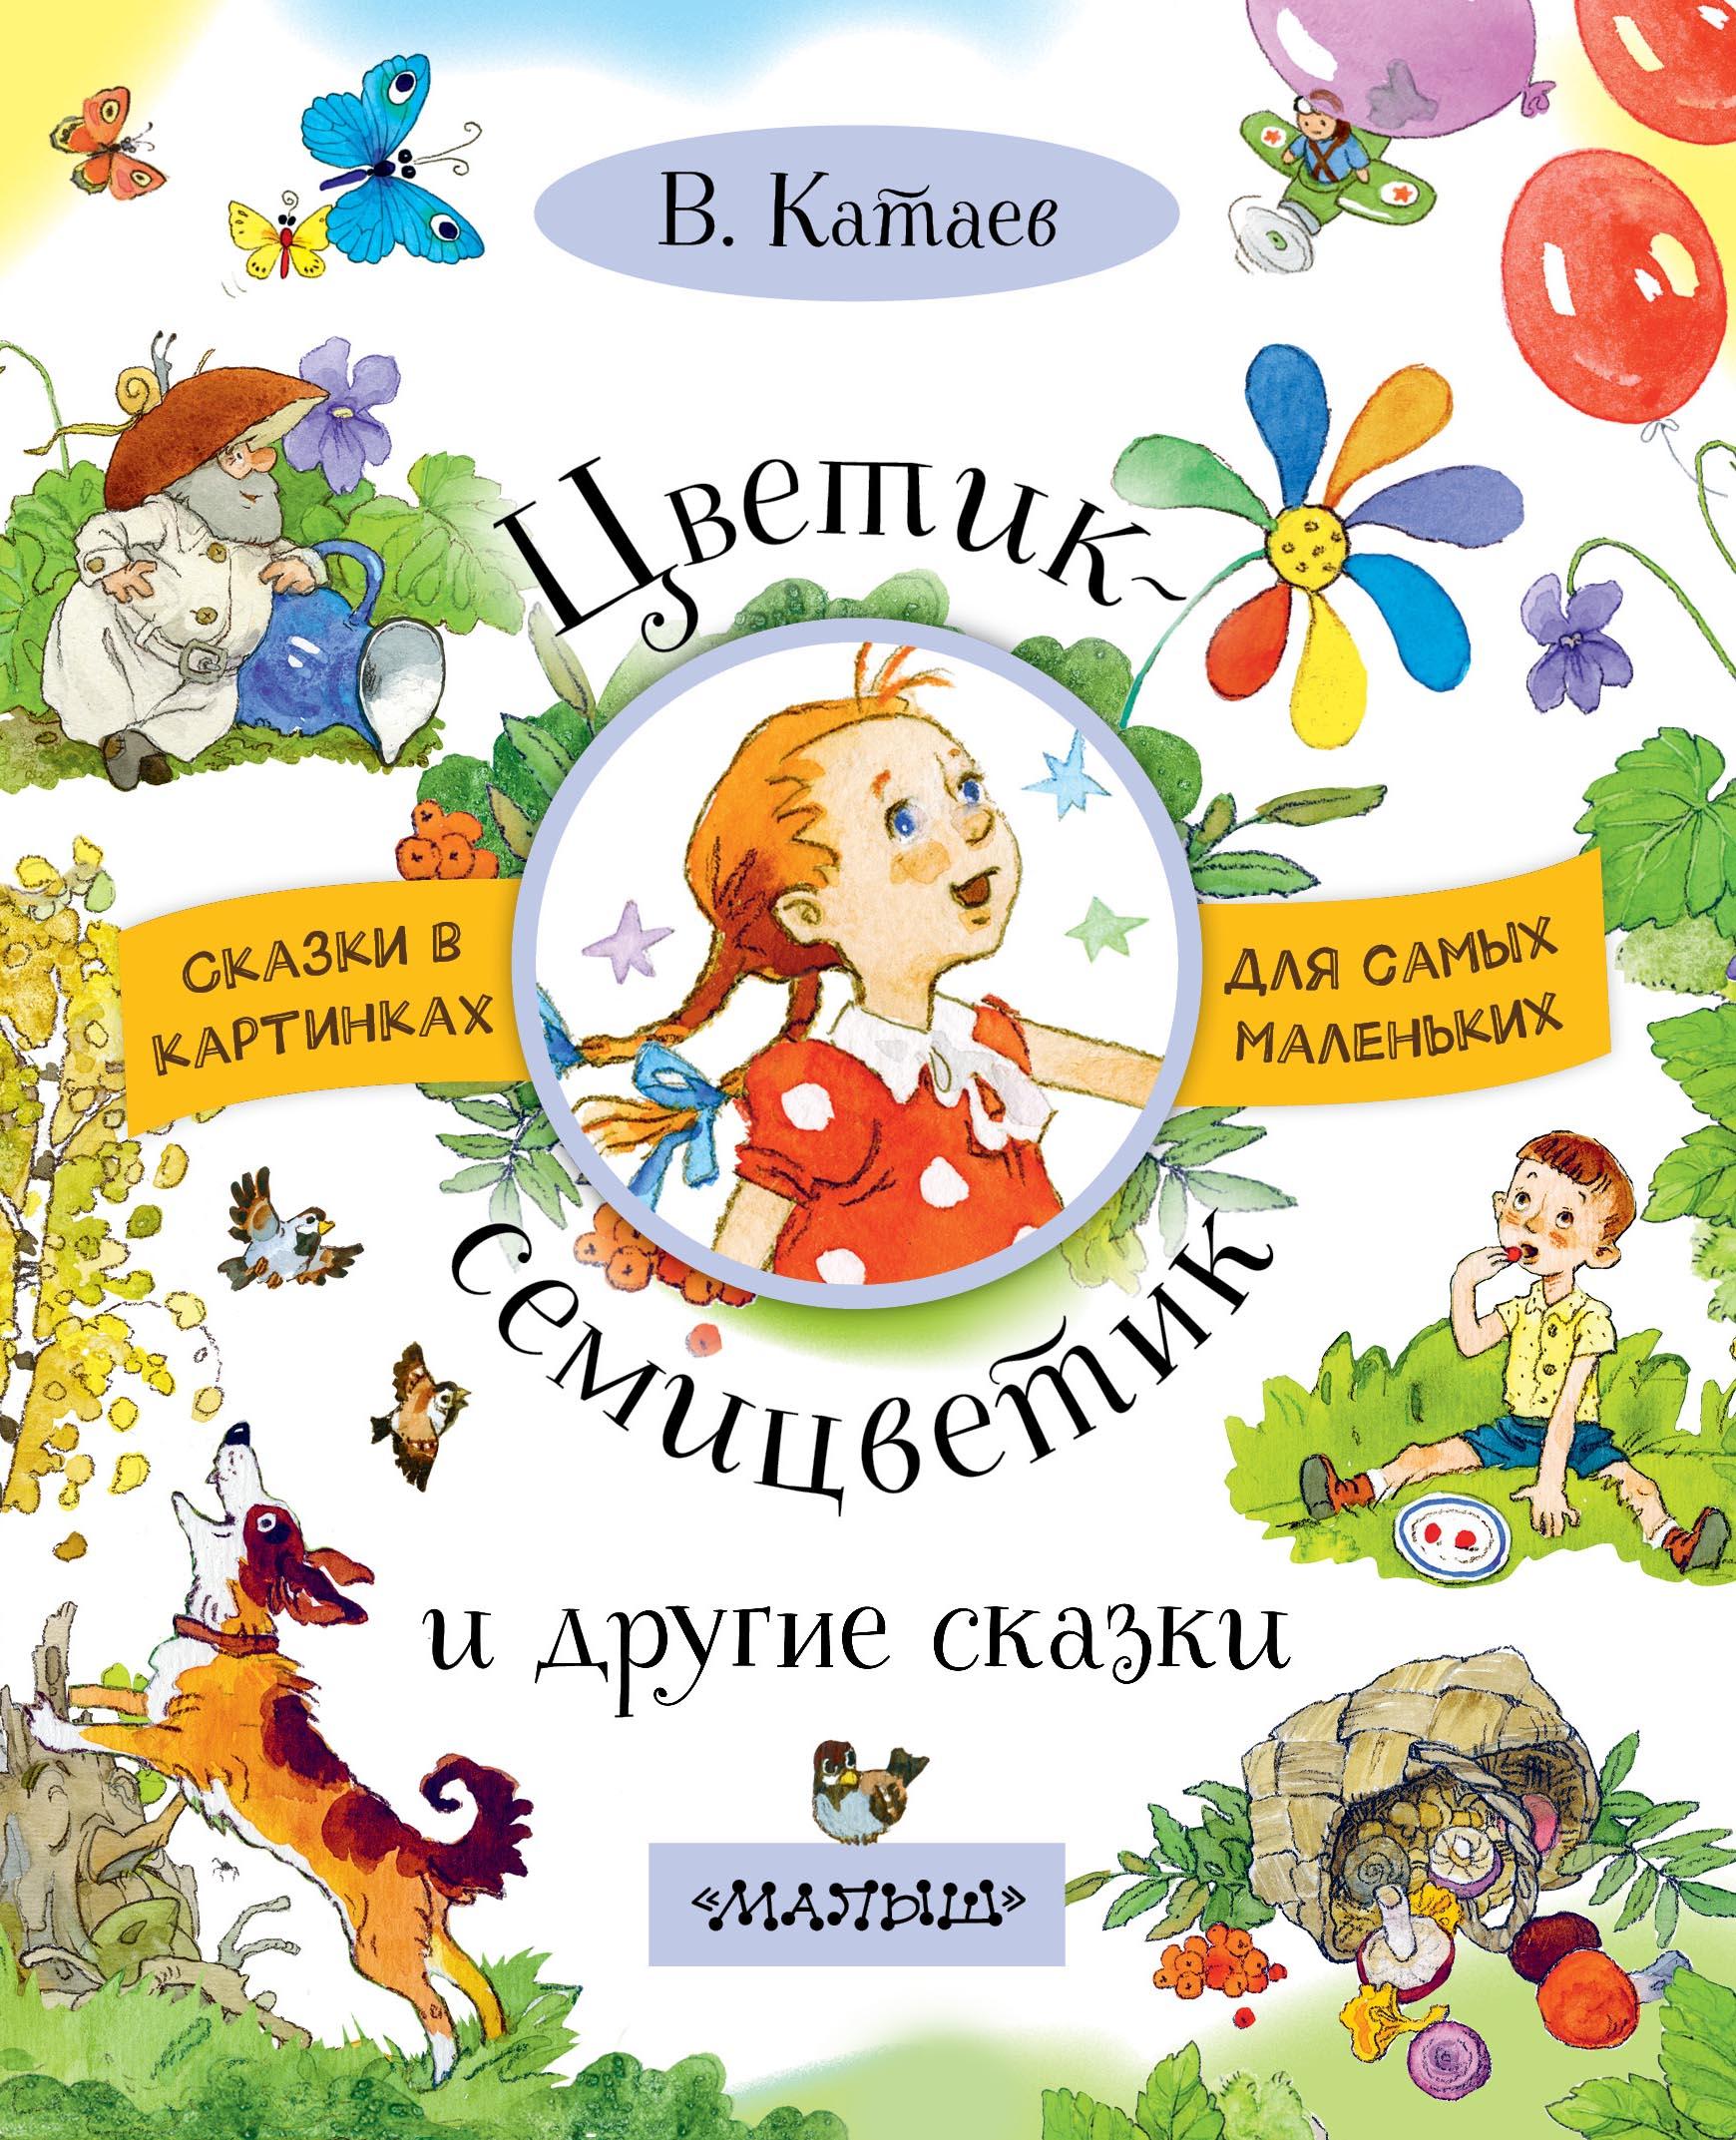 Катаев В.П. Цветик-семицветик и другие сказки валентин катаев дудочка и кувшинчик